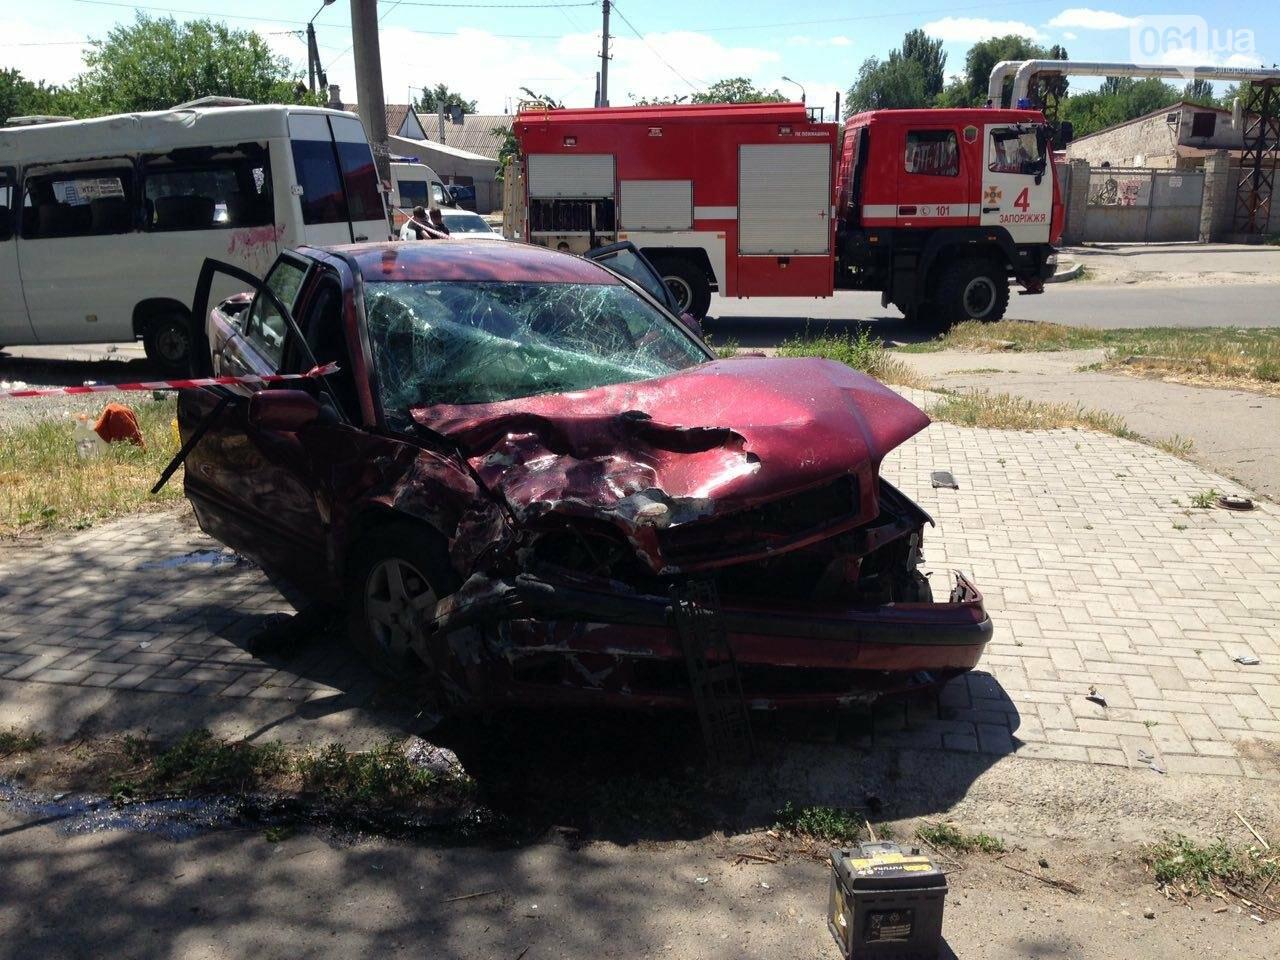 Виновник смертельного ДТП с маршруткой в Запорожье был под метадоном, марихуаной и амфетамином, фото-1